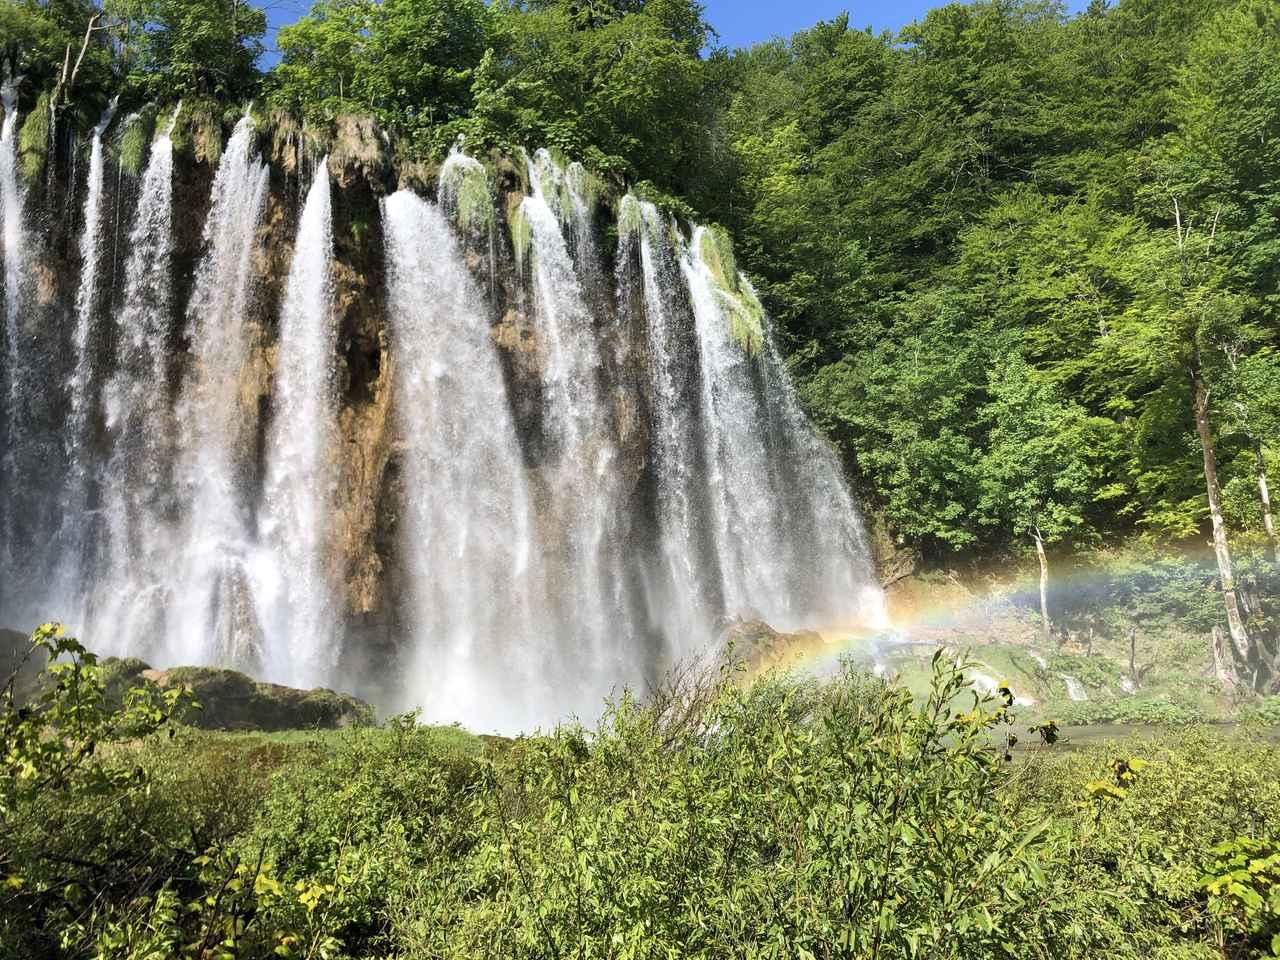 画像2: プリトヴィツェ国立公園/池田撮影